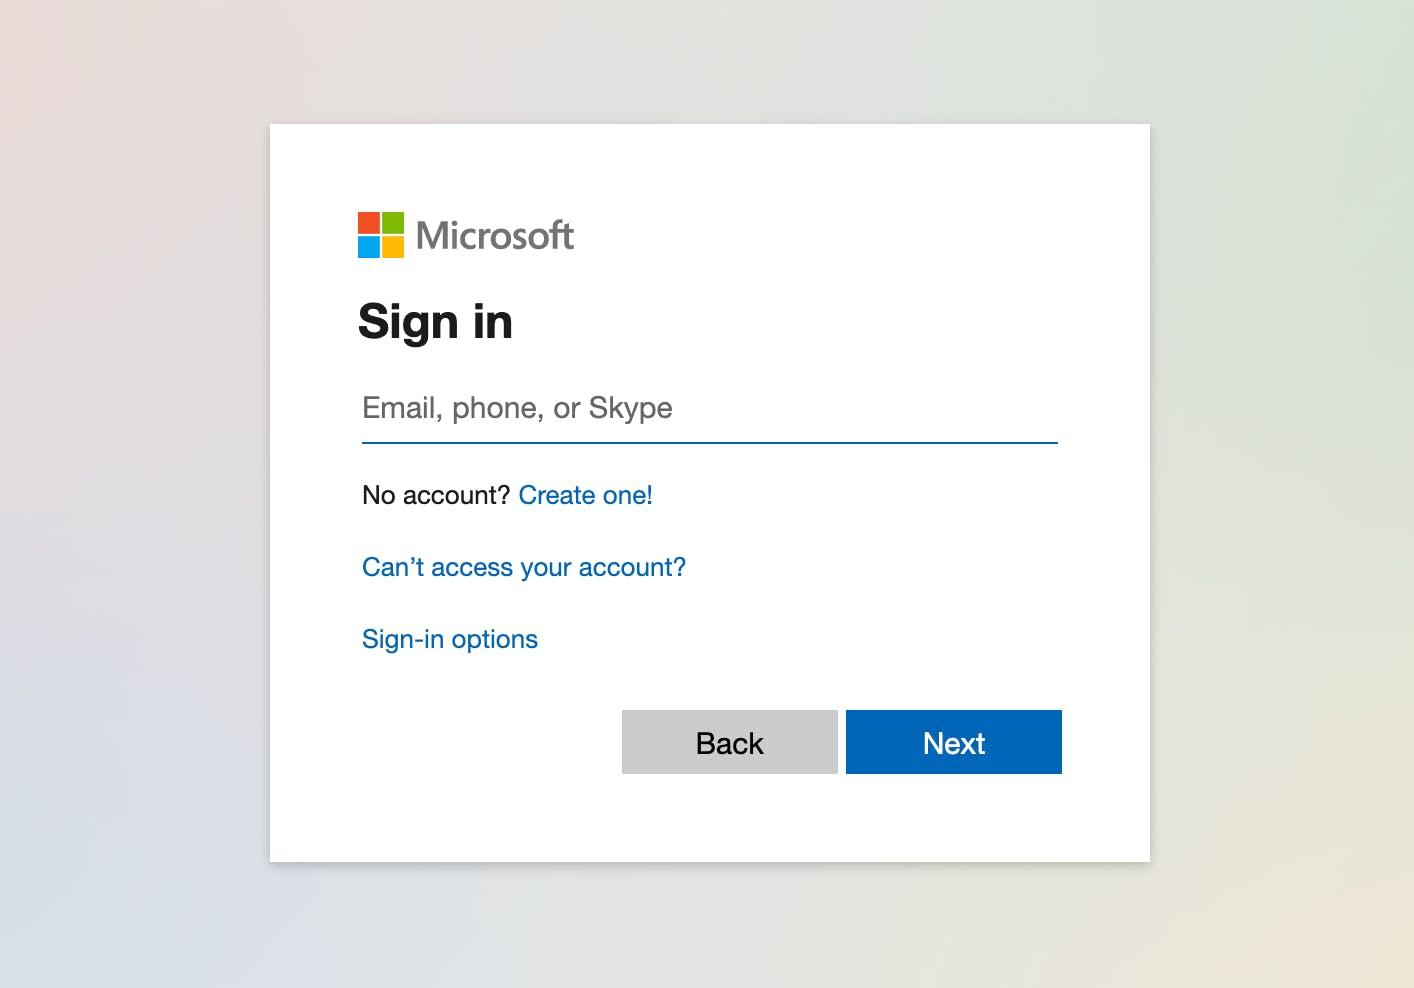 ScreenCloud App for Microsoft Teams - Sign In Logo Microsoft 11.03.2020.png